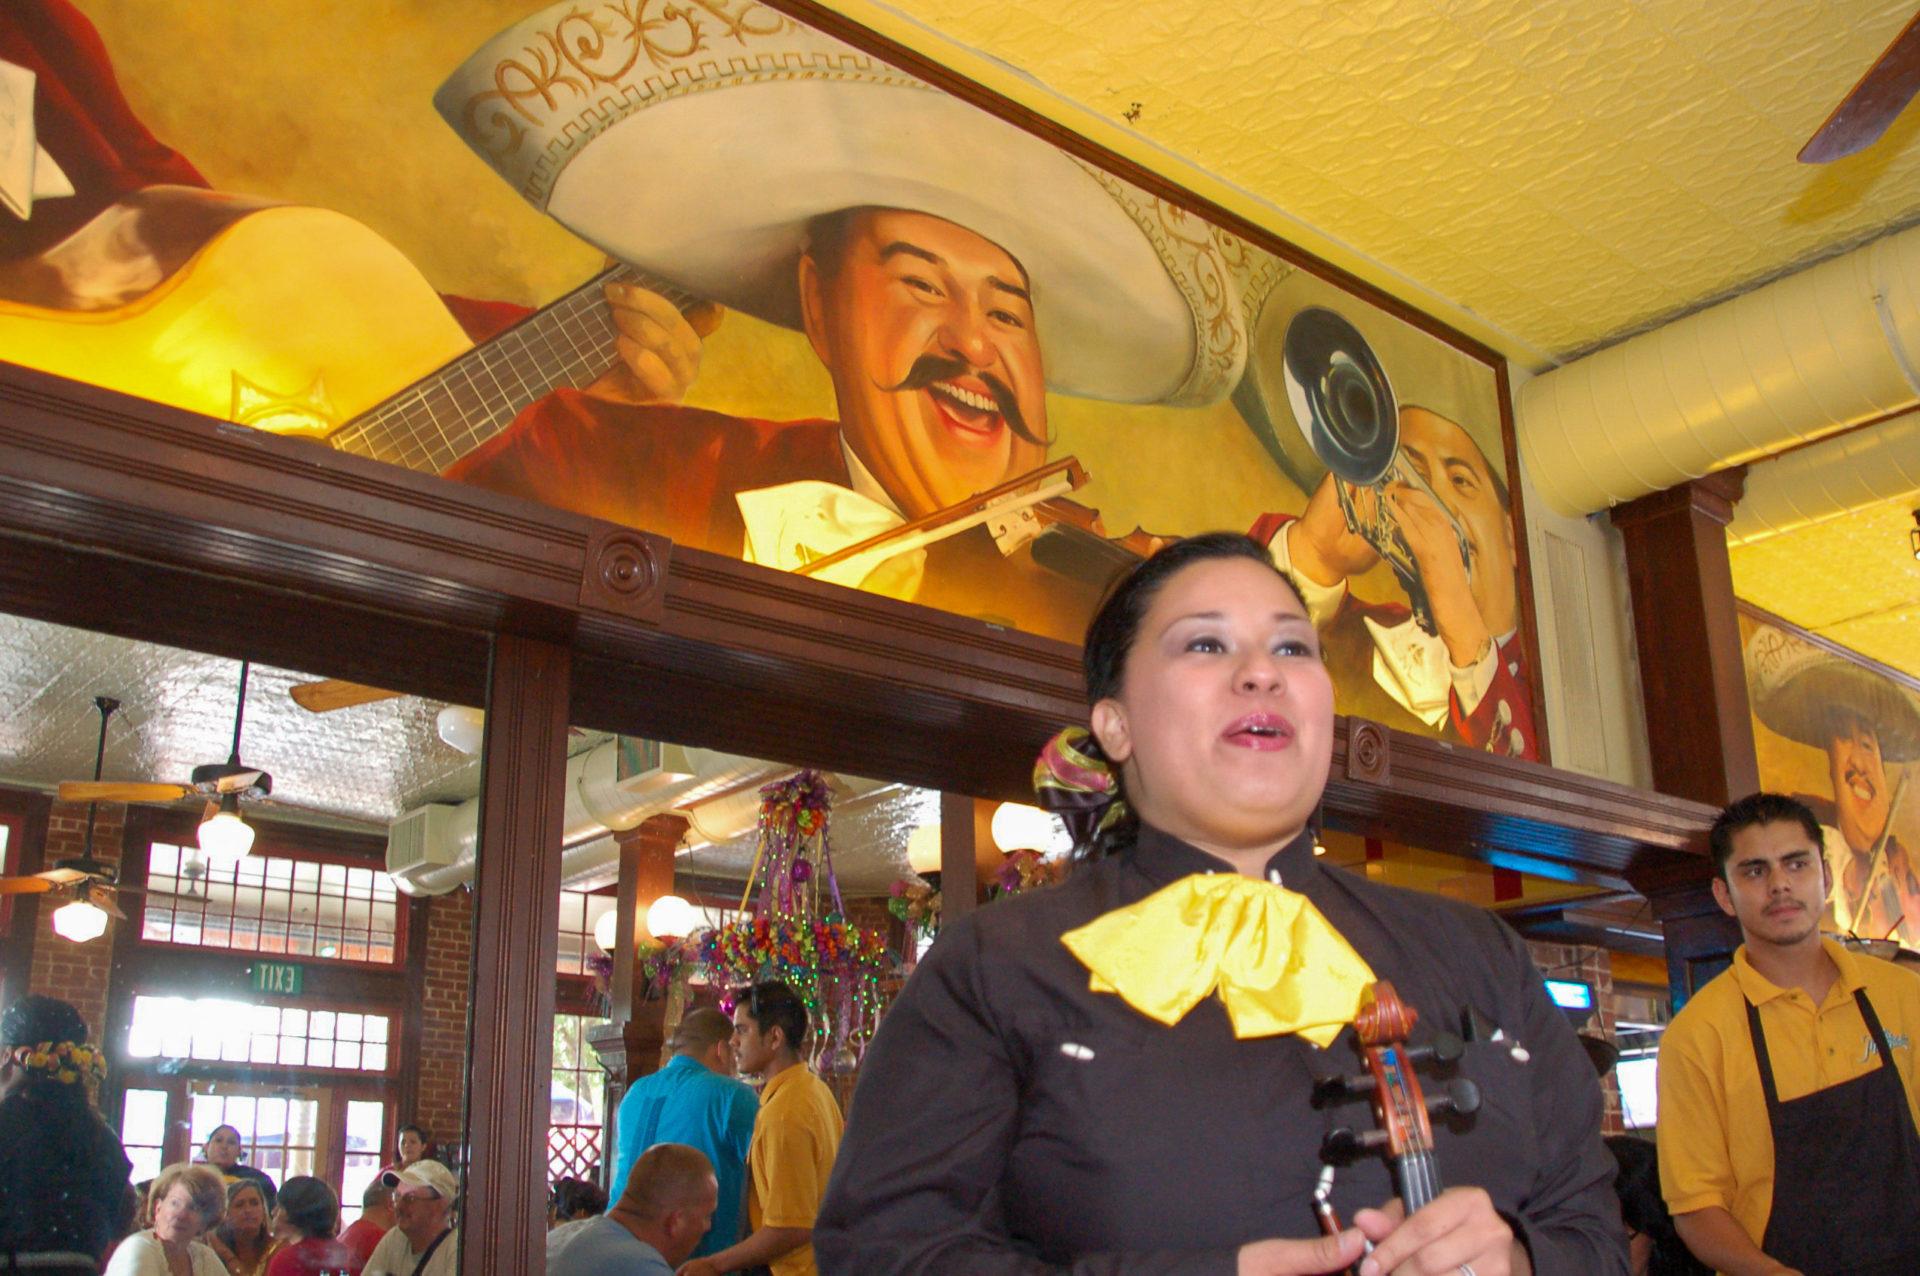 Das Nachtleben von San Antonio in Texas mit Mariachis einem einem mexikanischen Lokal